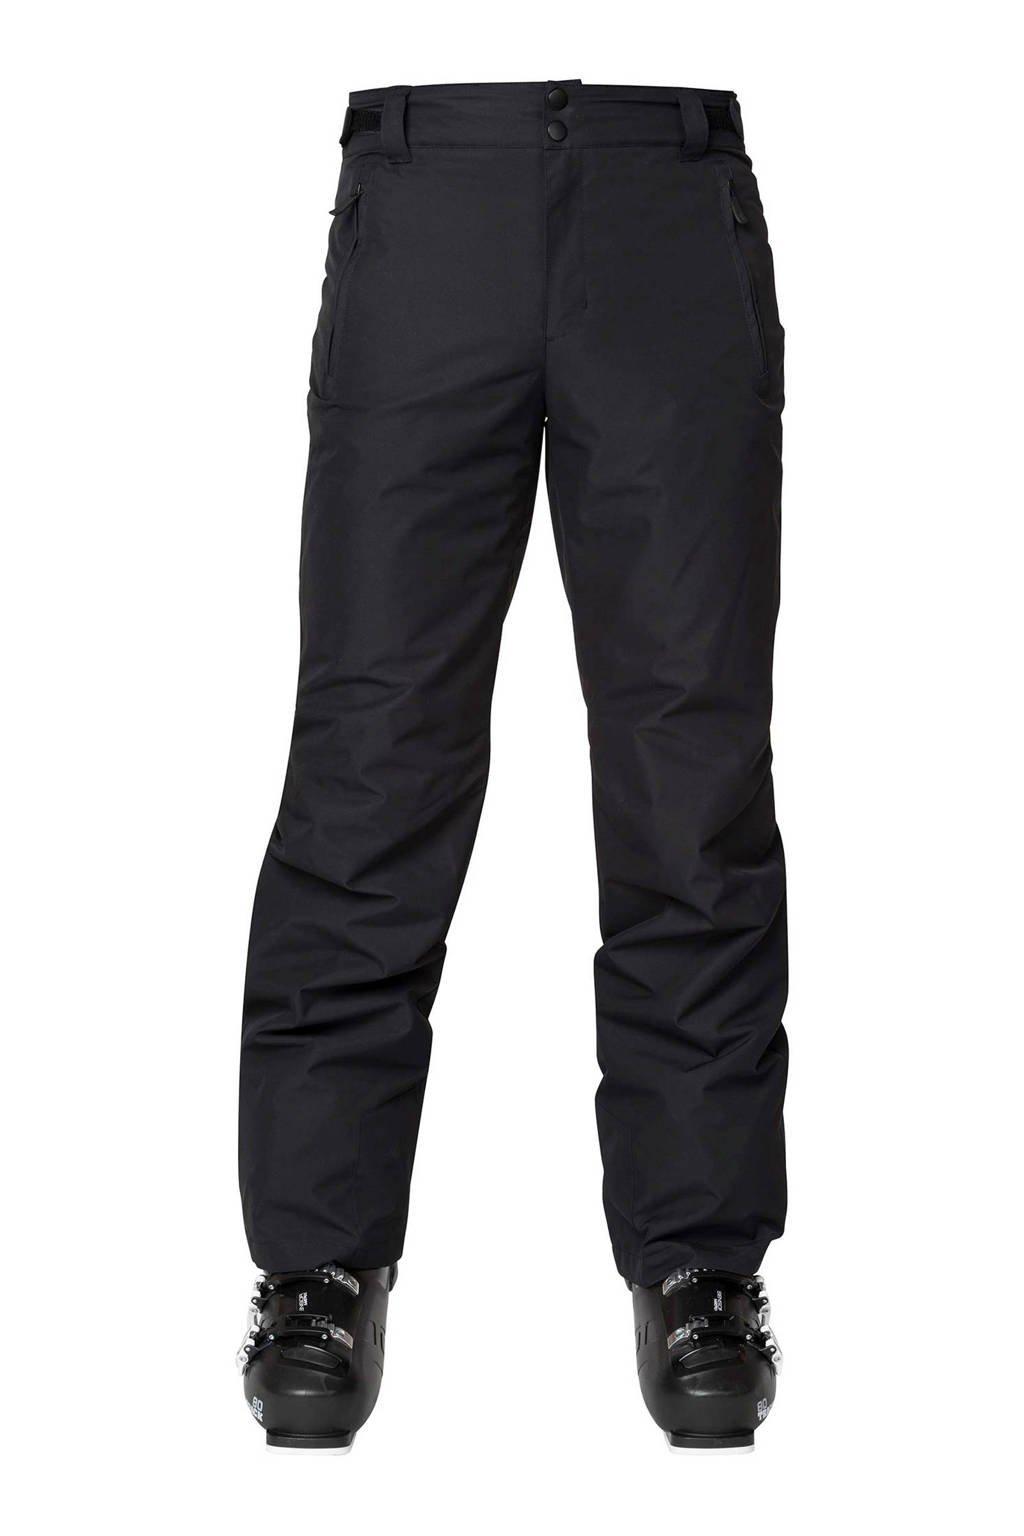 Rossignol skibroek Rapide zwart, Zwart